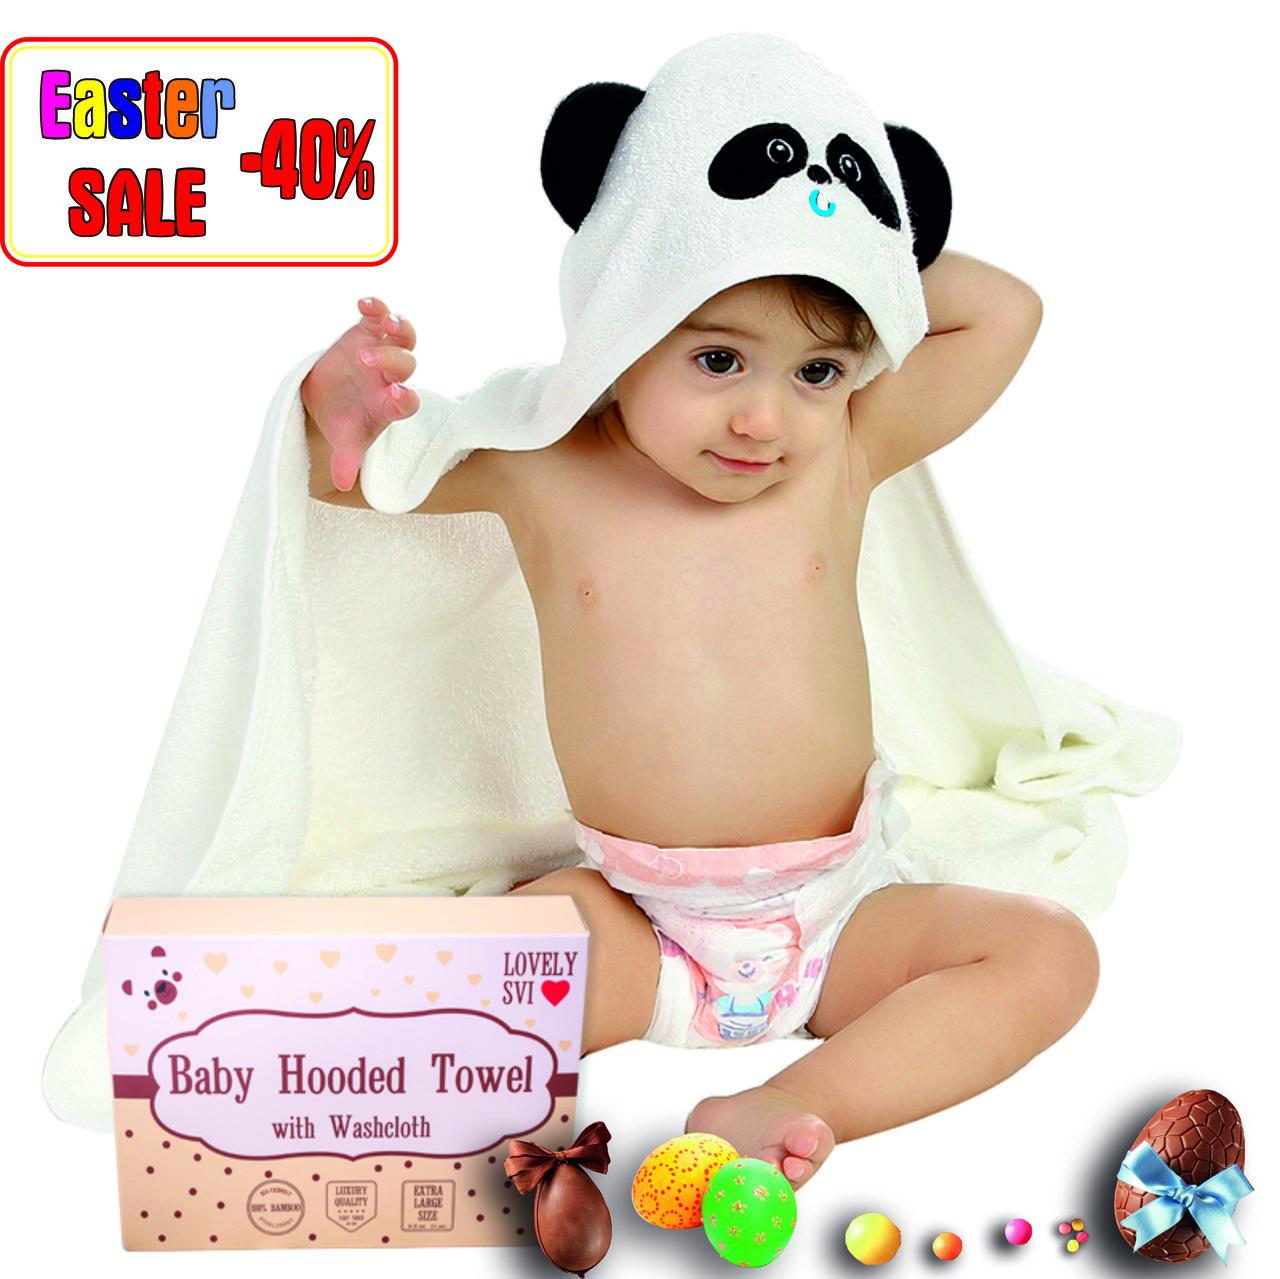 Премиальное Детское Банное Полотенце с Капюшоном - Бамбуковое Полотенце Уголок -Полотенце Панда- Бонус:Мочалка